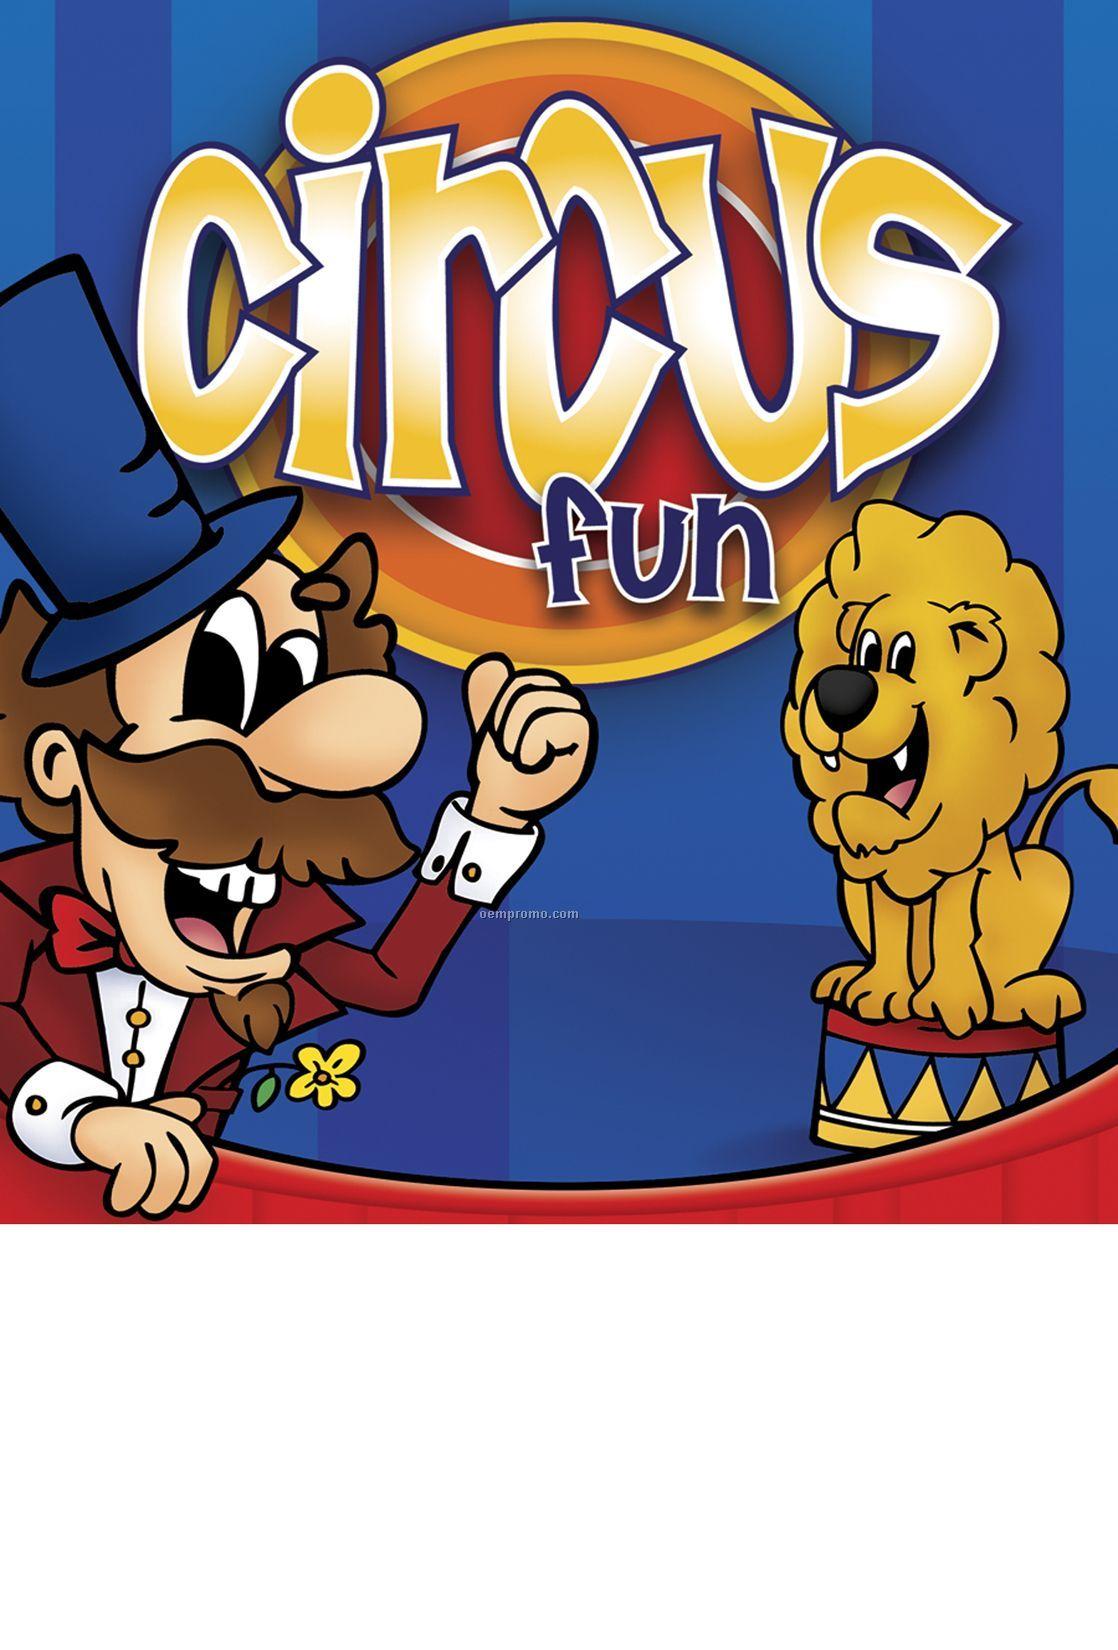 Circus Fun Activity/Coloring Book Fun Pack